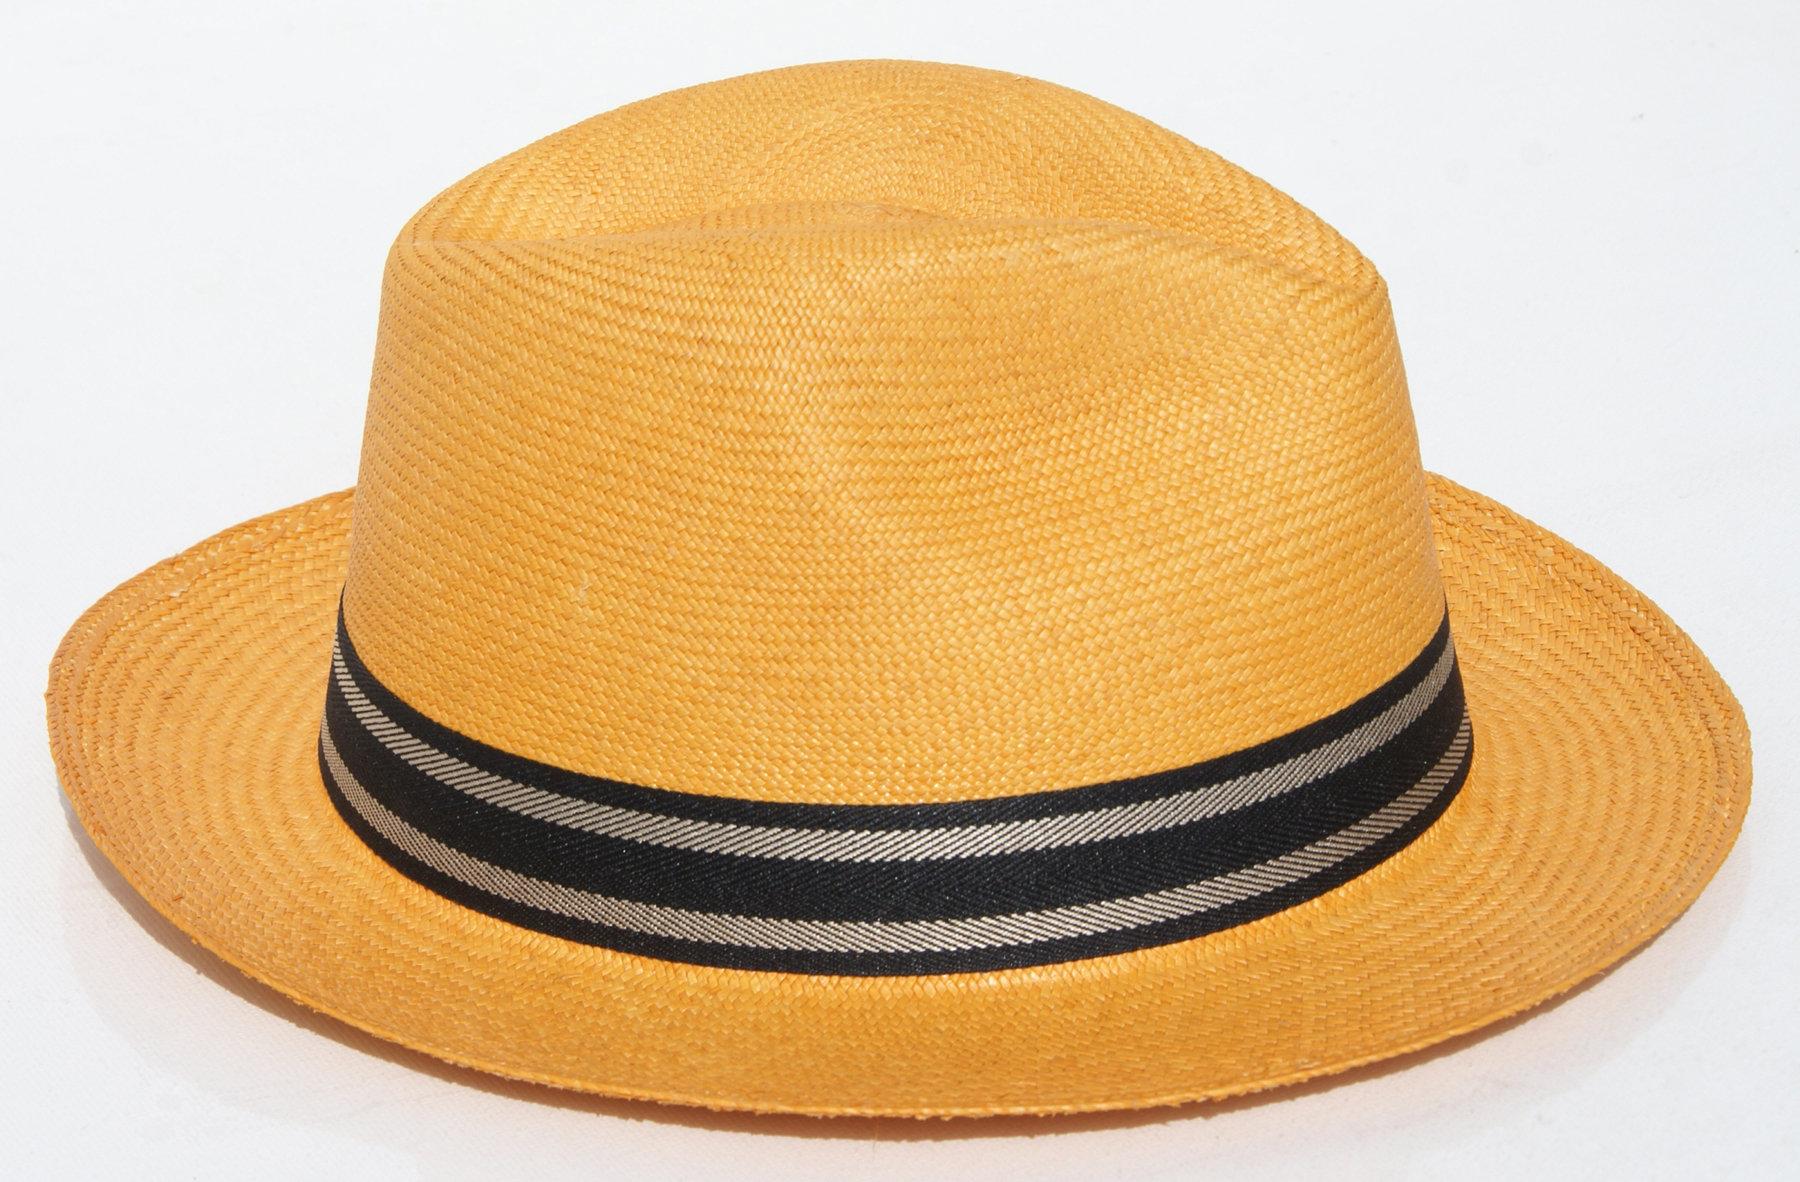 0714c61d897ad Sombreros de paja toquilla de color naranja